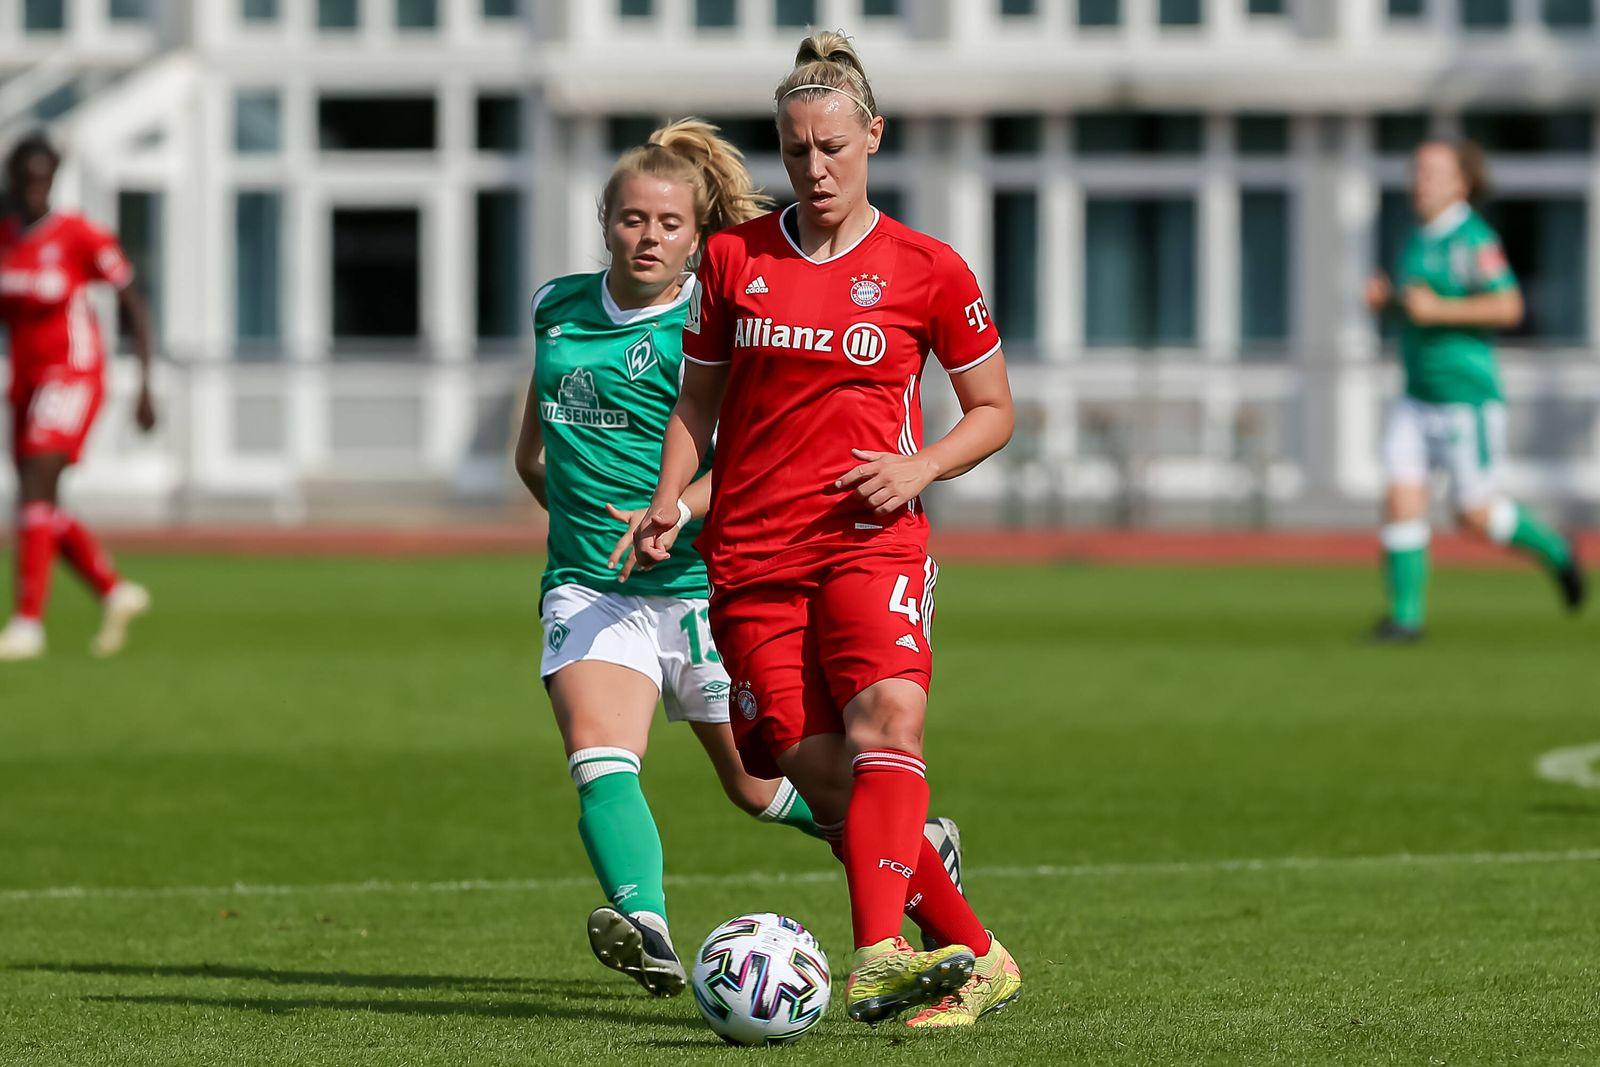 v.li.: Ricarda Walkling (SV Werder Bremen, 13) und Kristin Demann (FC Bayern München, 4) im Zweikampf, Duell, Dynamik, A